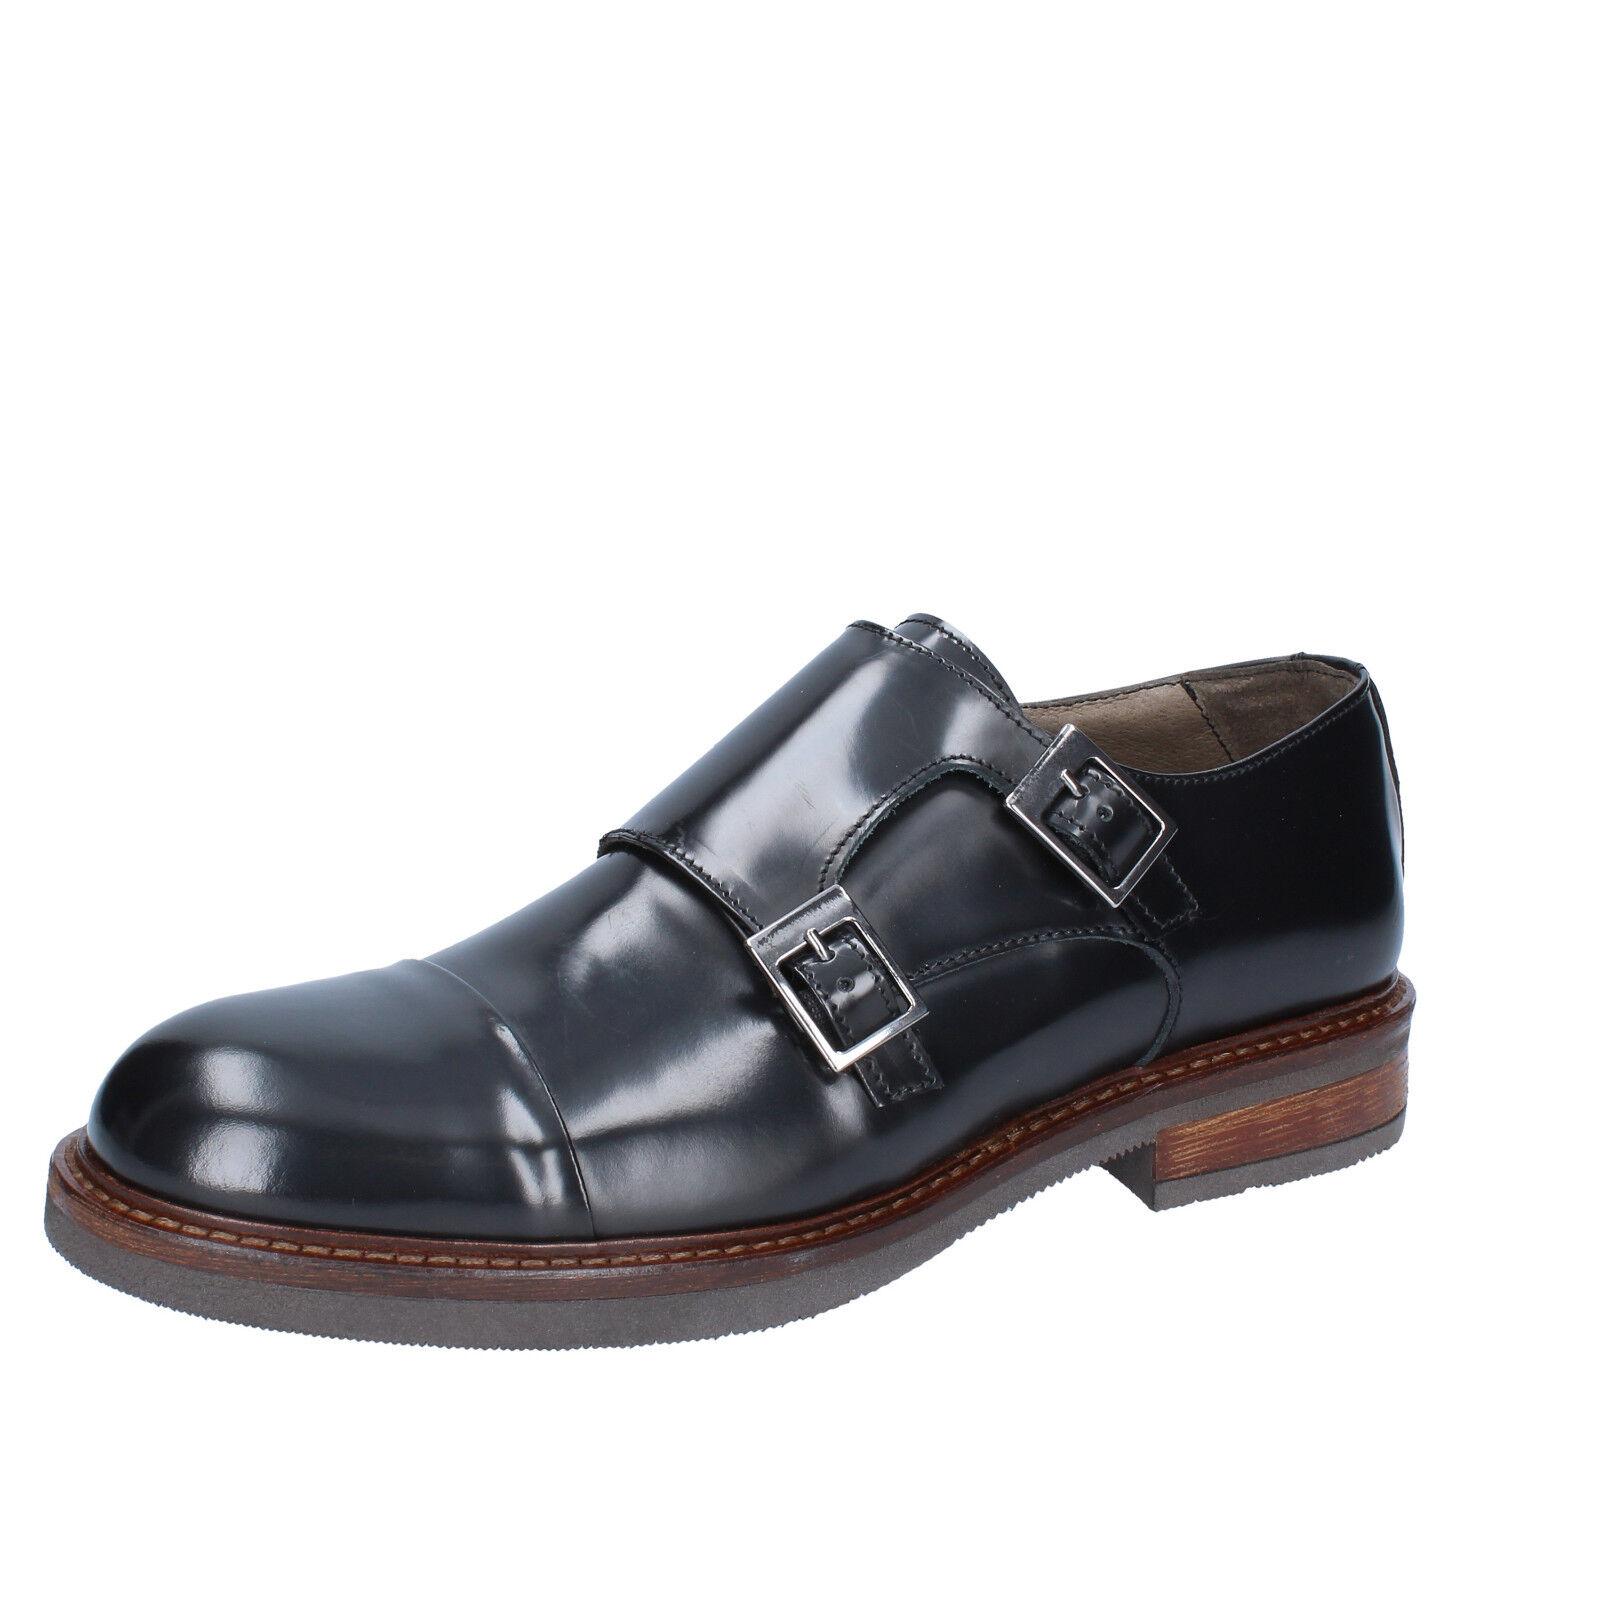 Herren EU schuhe FDF Schuhe 41 EU Herren elegante Schwarz Glänzende Haut BZ333-C c9b4d1